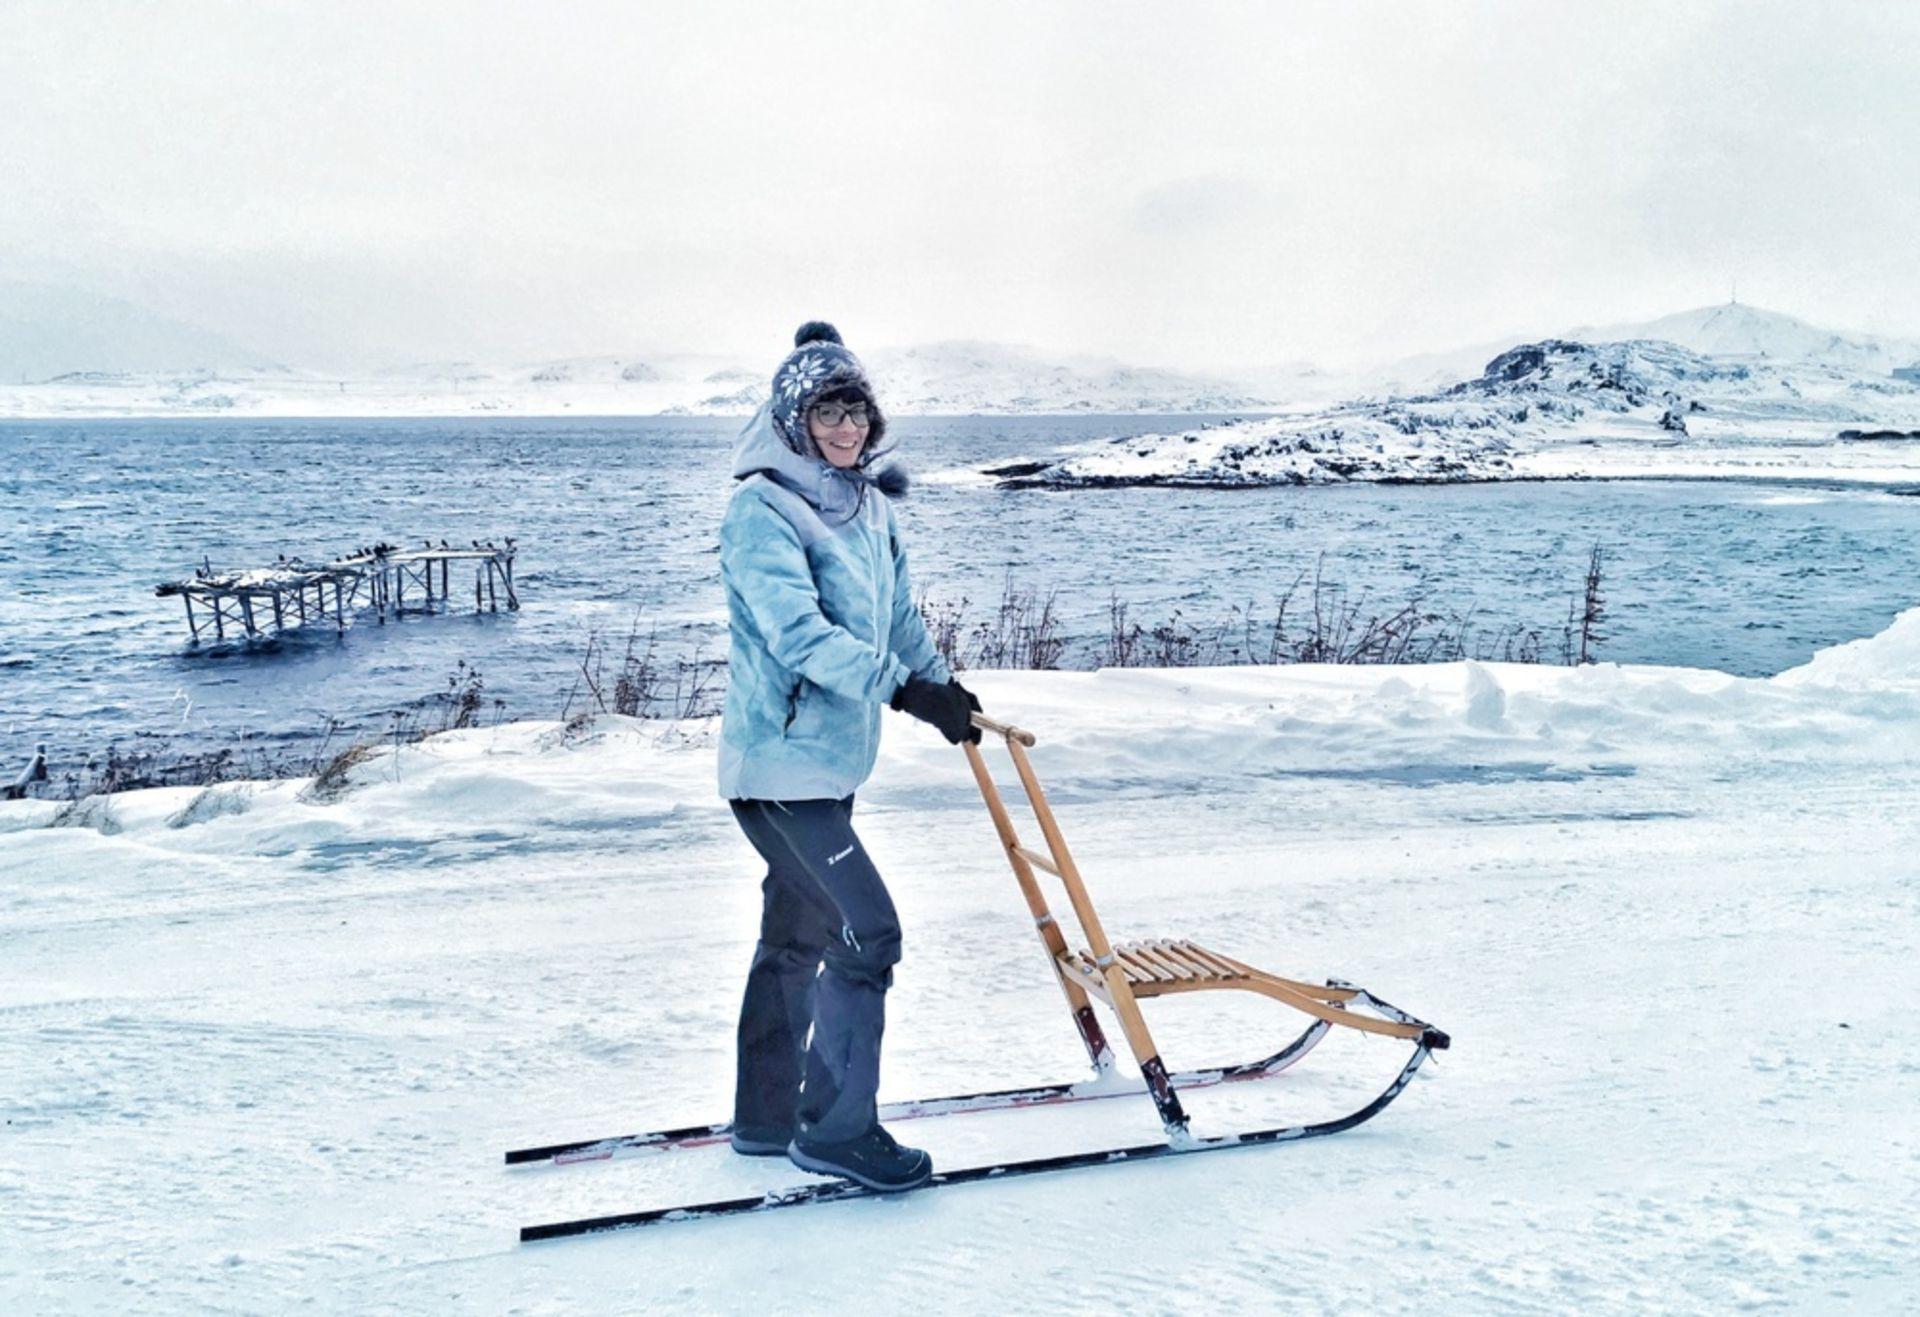 Caminando bajo la nieve por las calles de Kongsfjord